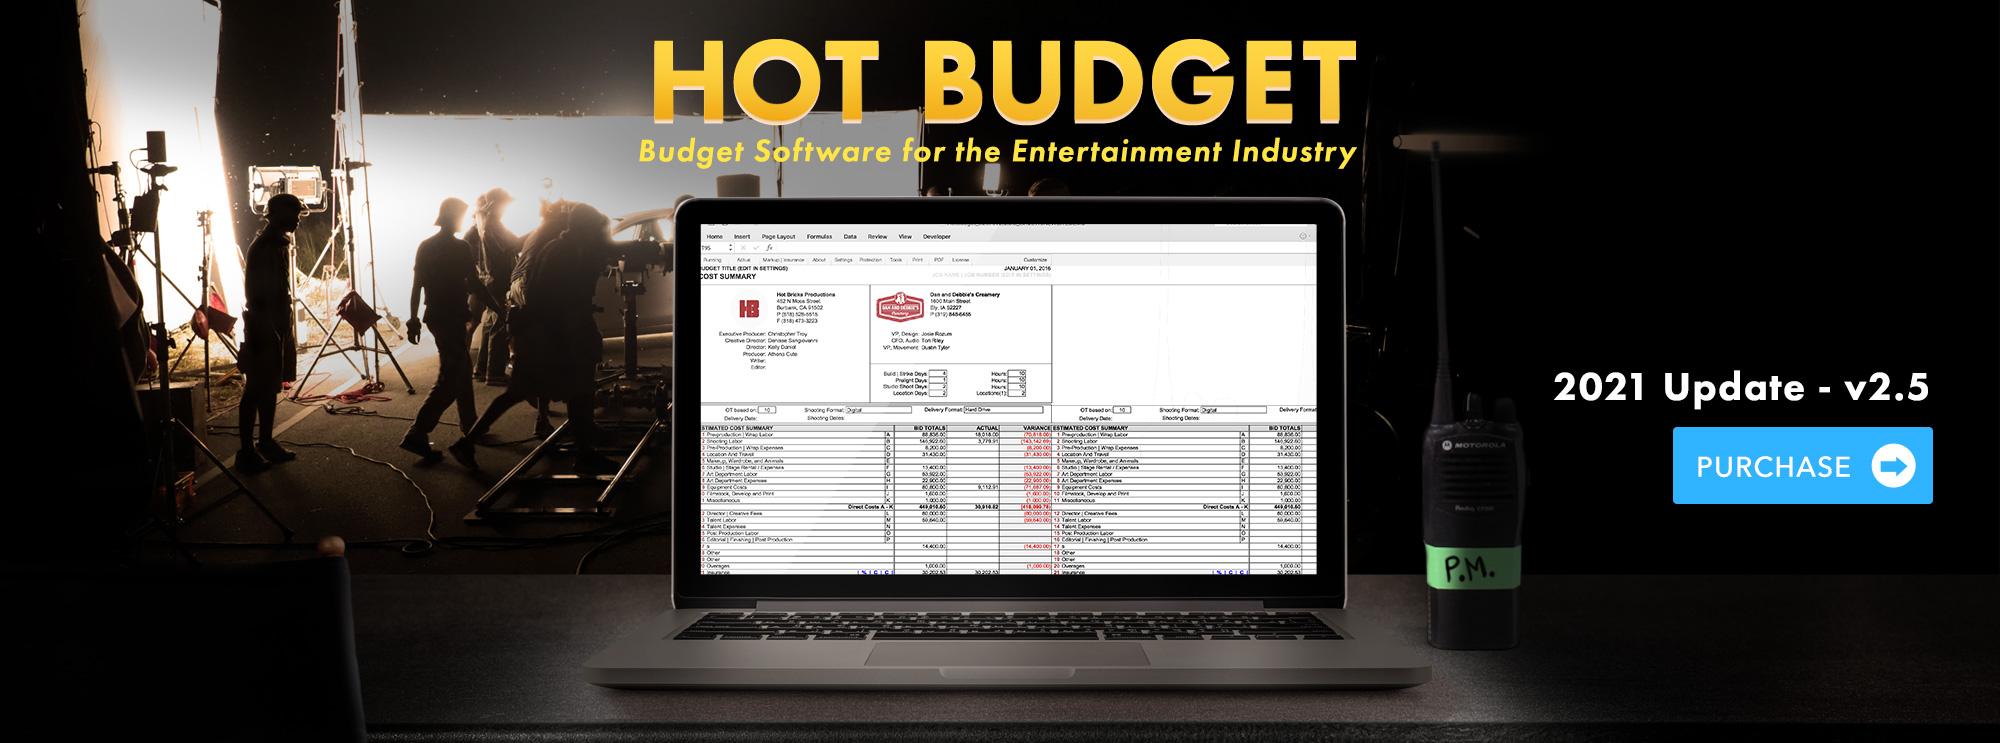 Hot Budget 2021 CTA